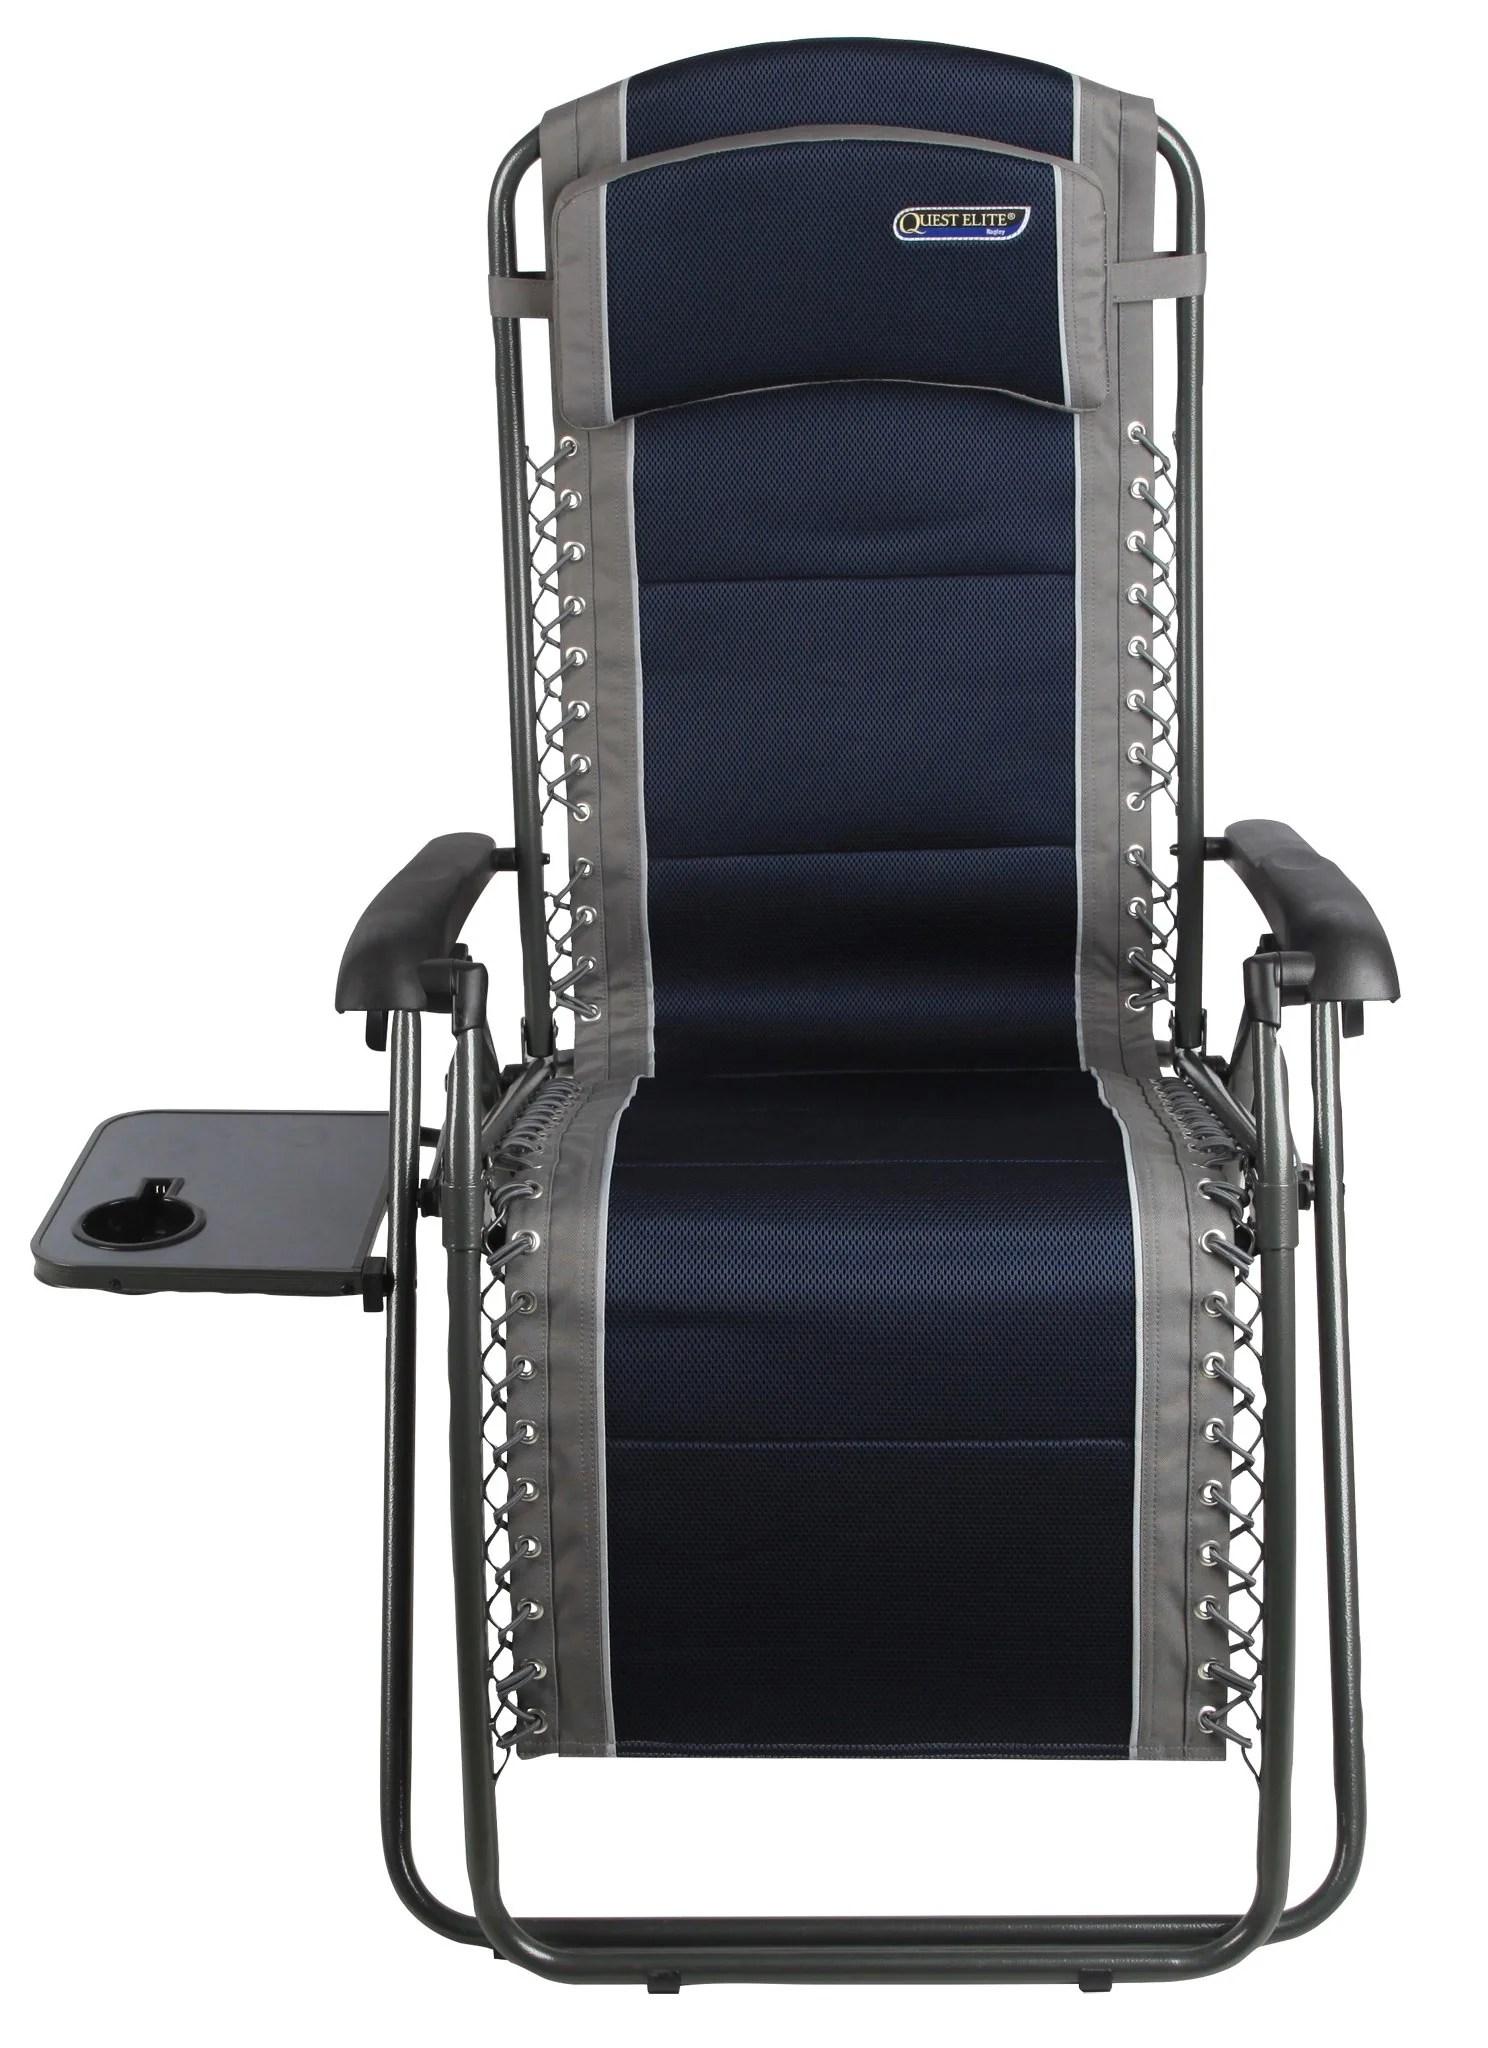 garden relaxer chair covers eero saarinen tulip quest elite ragley pro with side table – capital outdoors